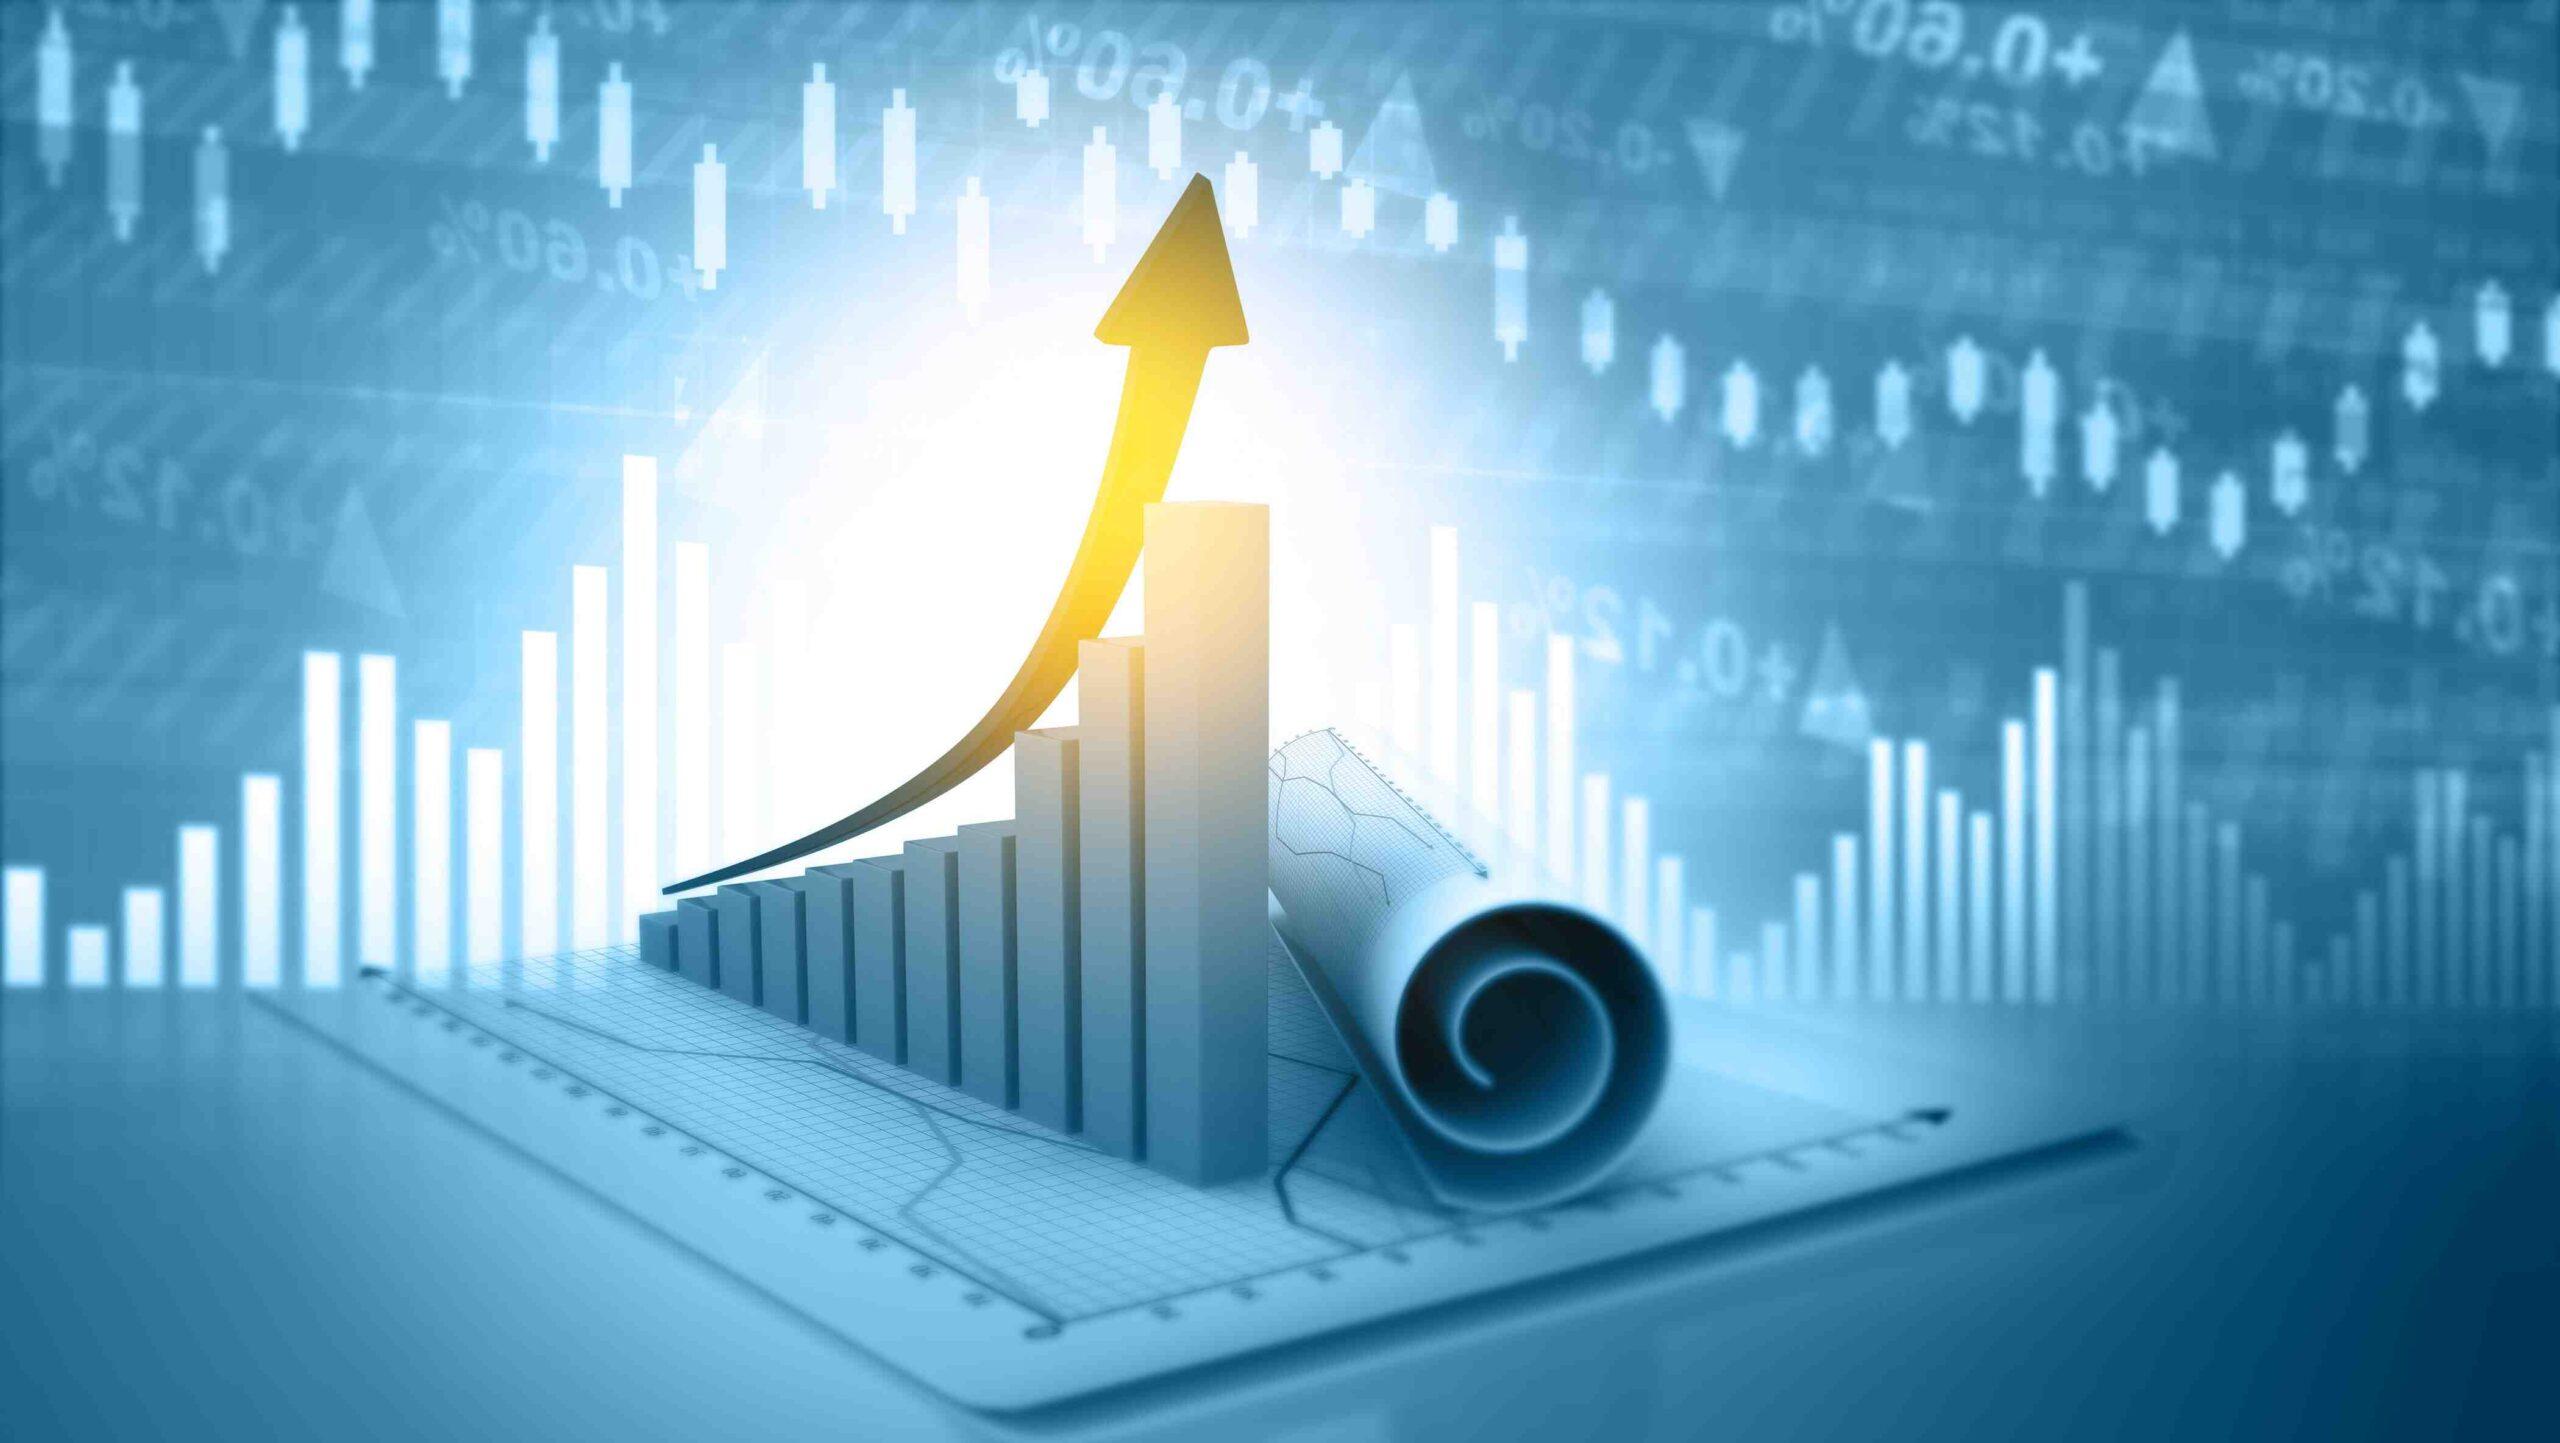 Quelles sont les actions les plus rentables?